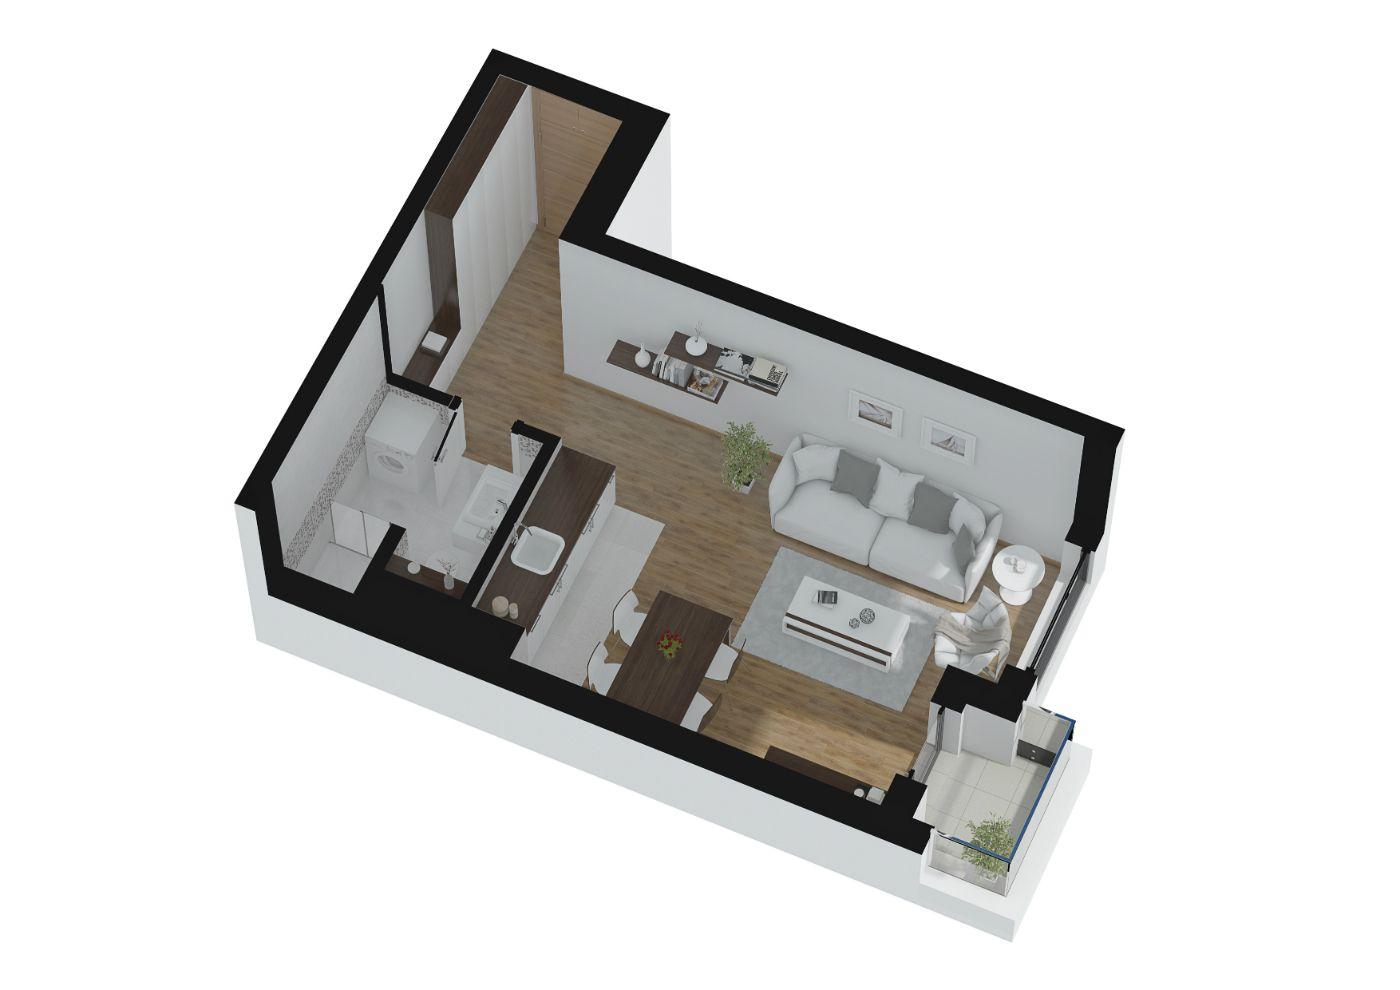 plan amnagement studio 30m2 plan amnagement studio 30m2. Black Bedroom Furniture Sets. Home Design Ideas